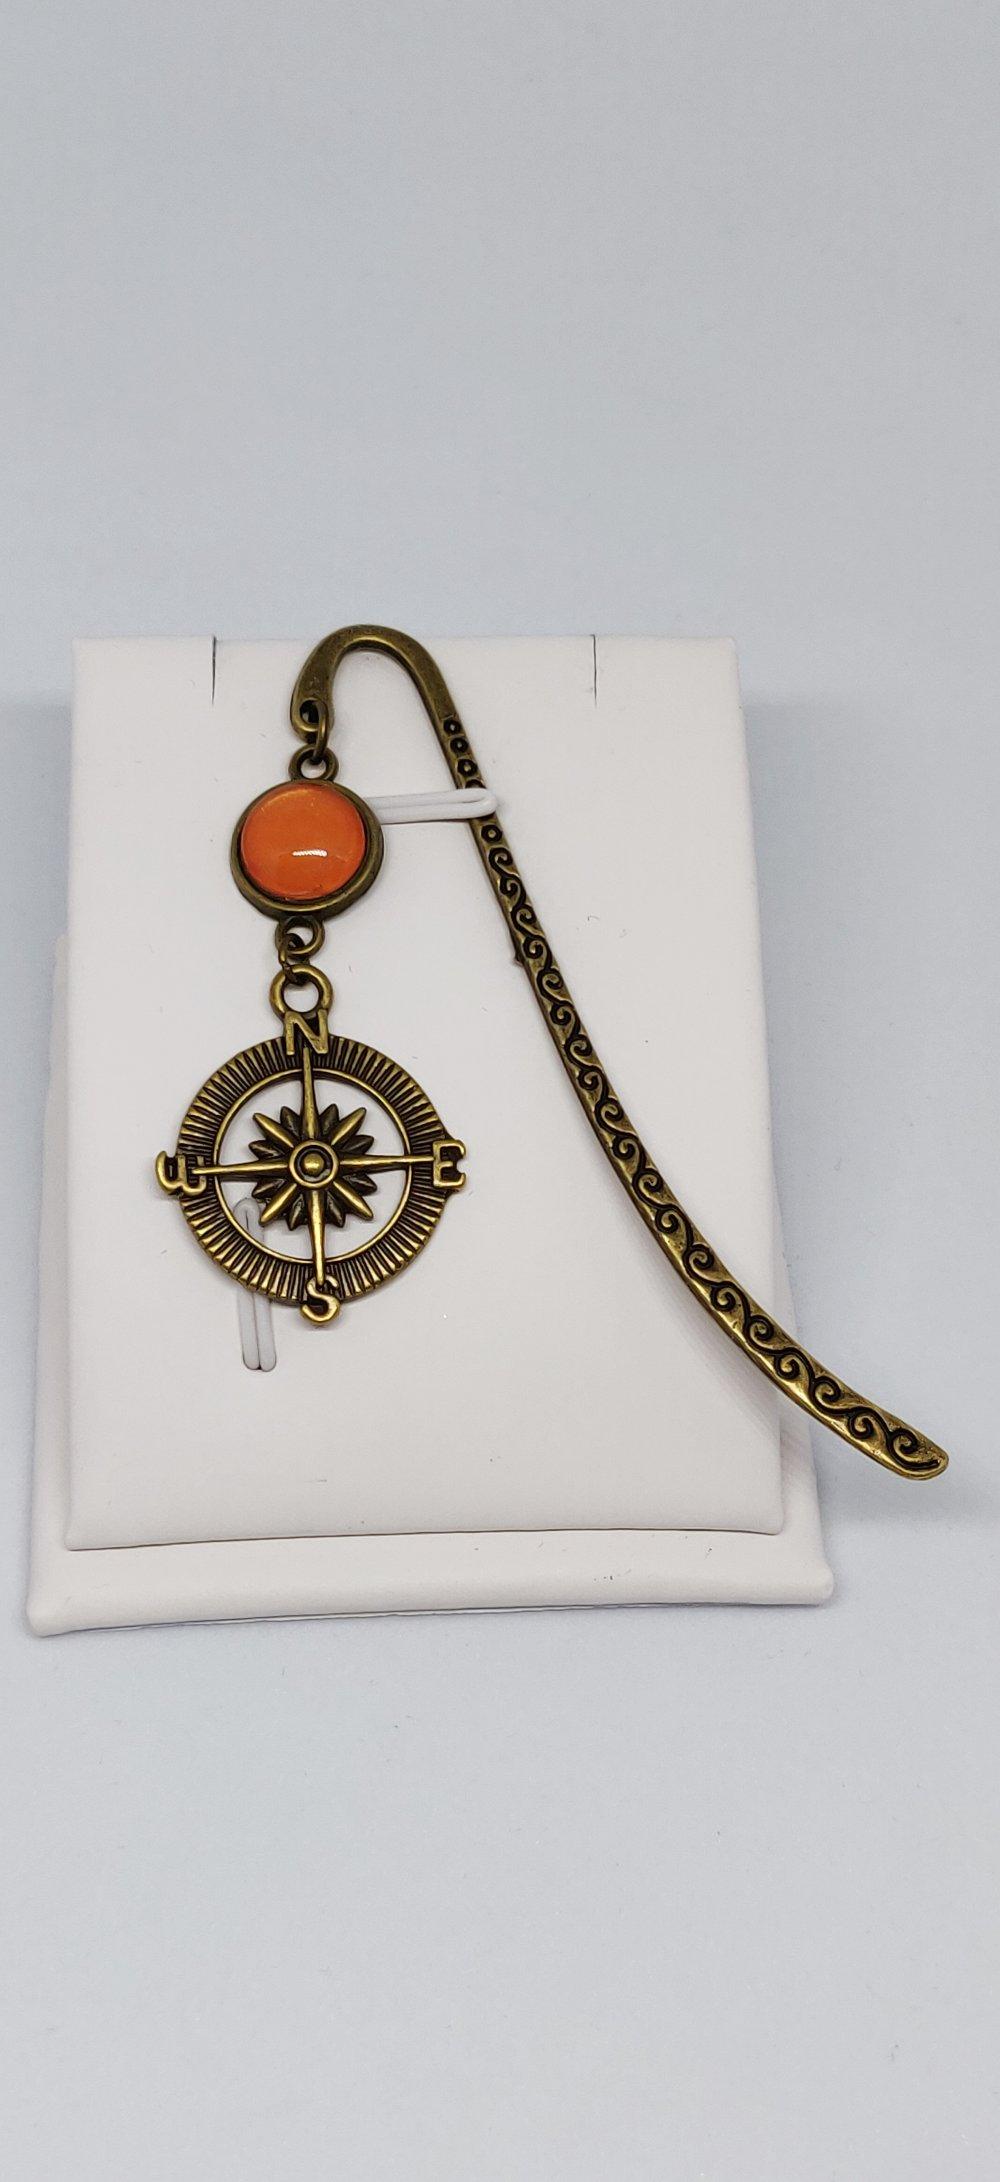 Marque page steampunk boussole Game of thrones bronze orange Pirates des Caraibes inspiration idée cadeau lecture Miss Perles